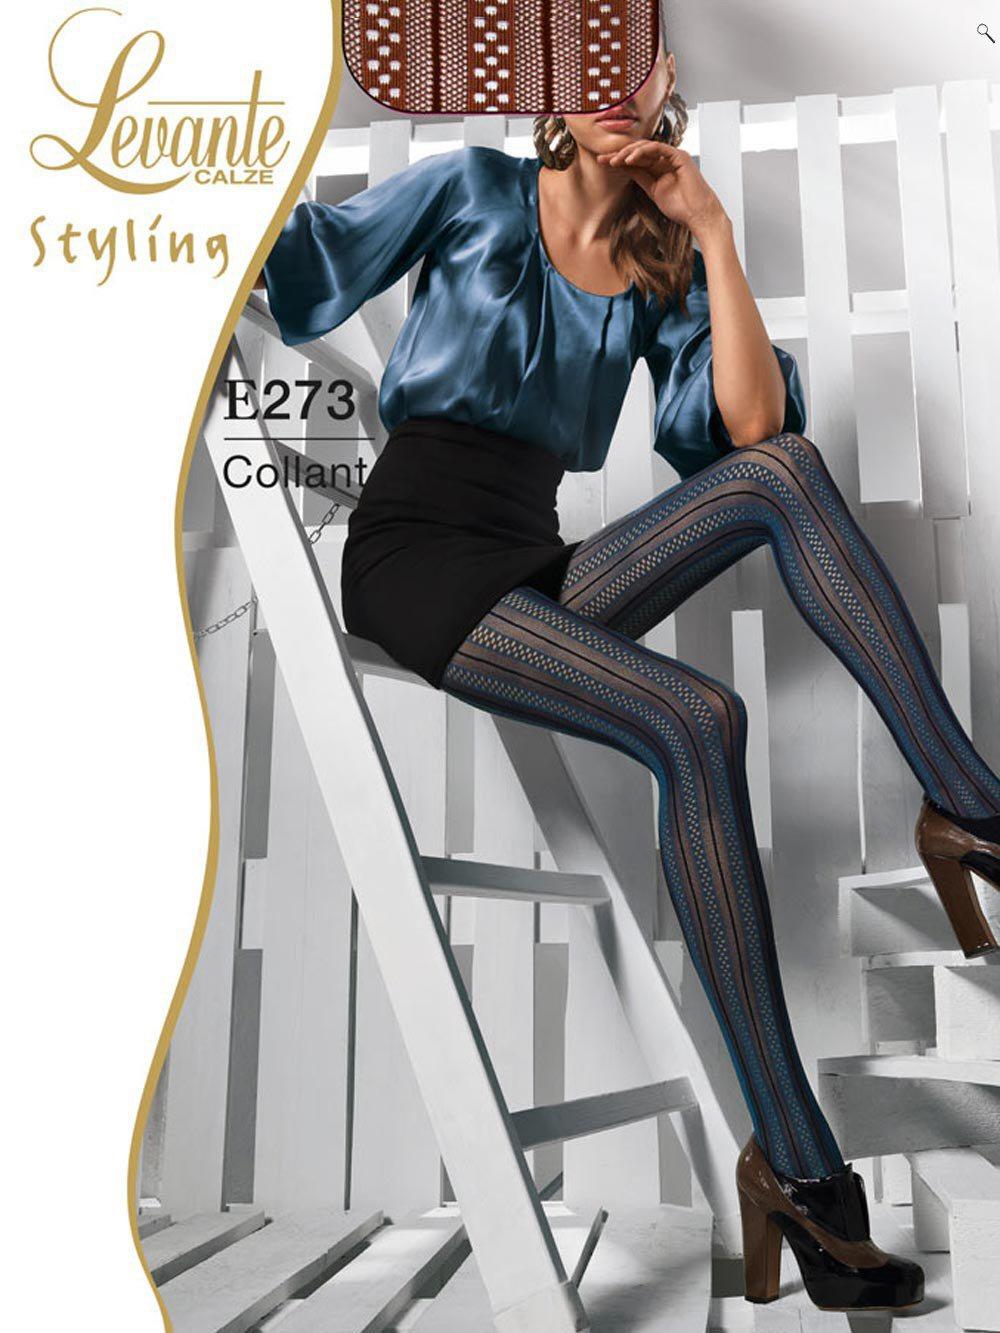 Levante Fashion 15-14